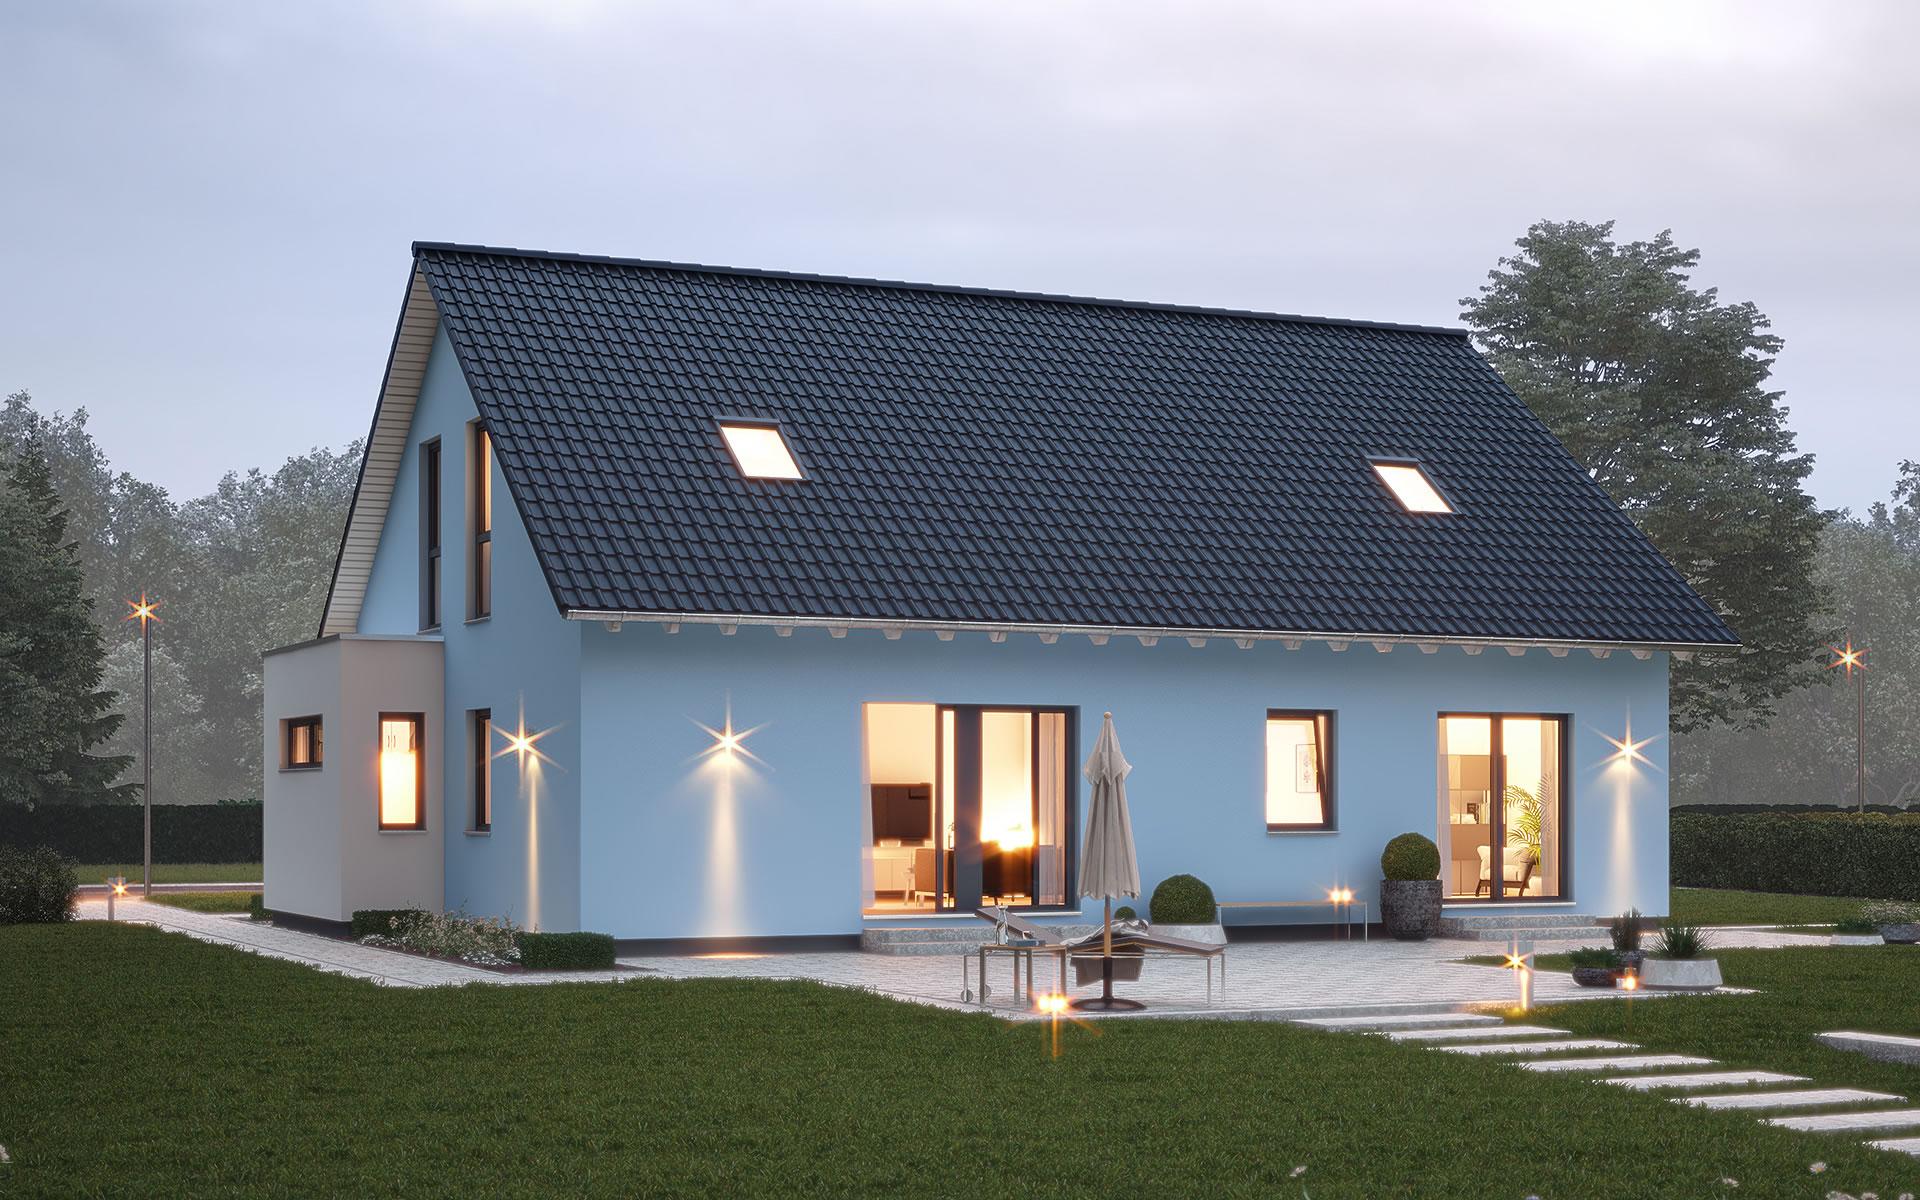 FamilyStyle 20.01 S von massa haus GmbH